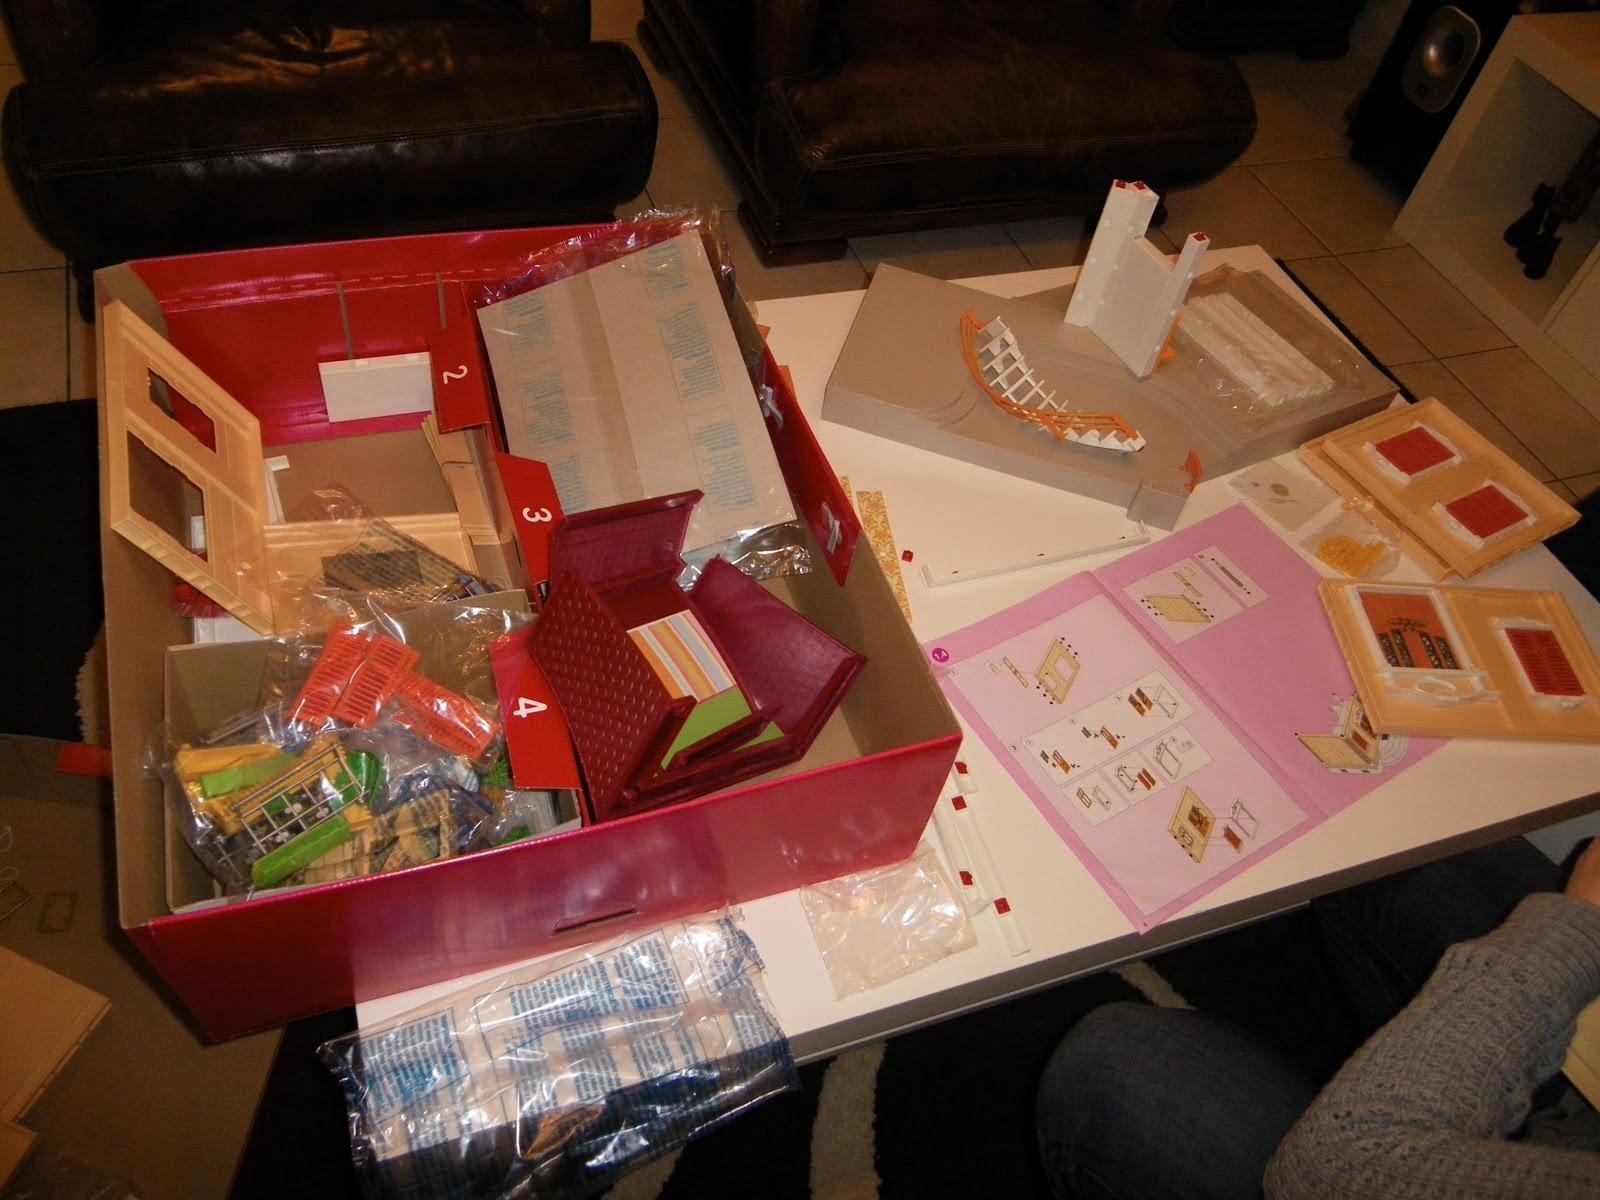 Toupie croquette construction de la maison playmobil - Construire une maison playmobil ...